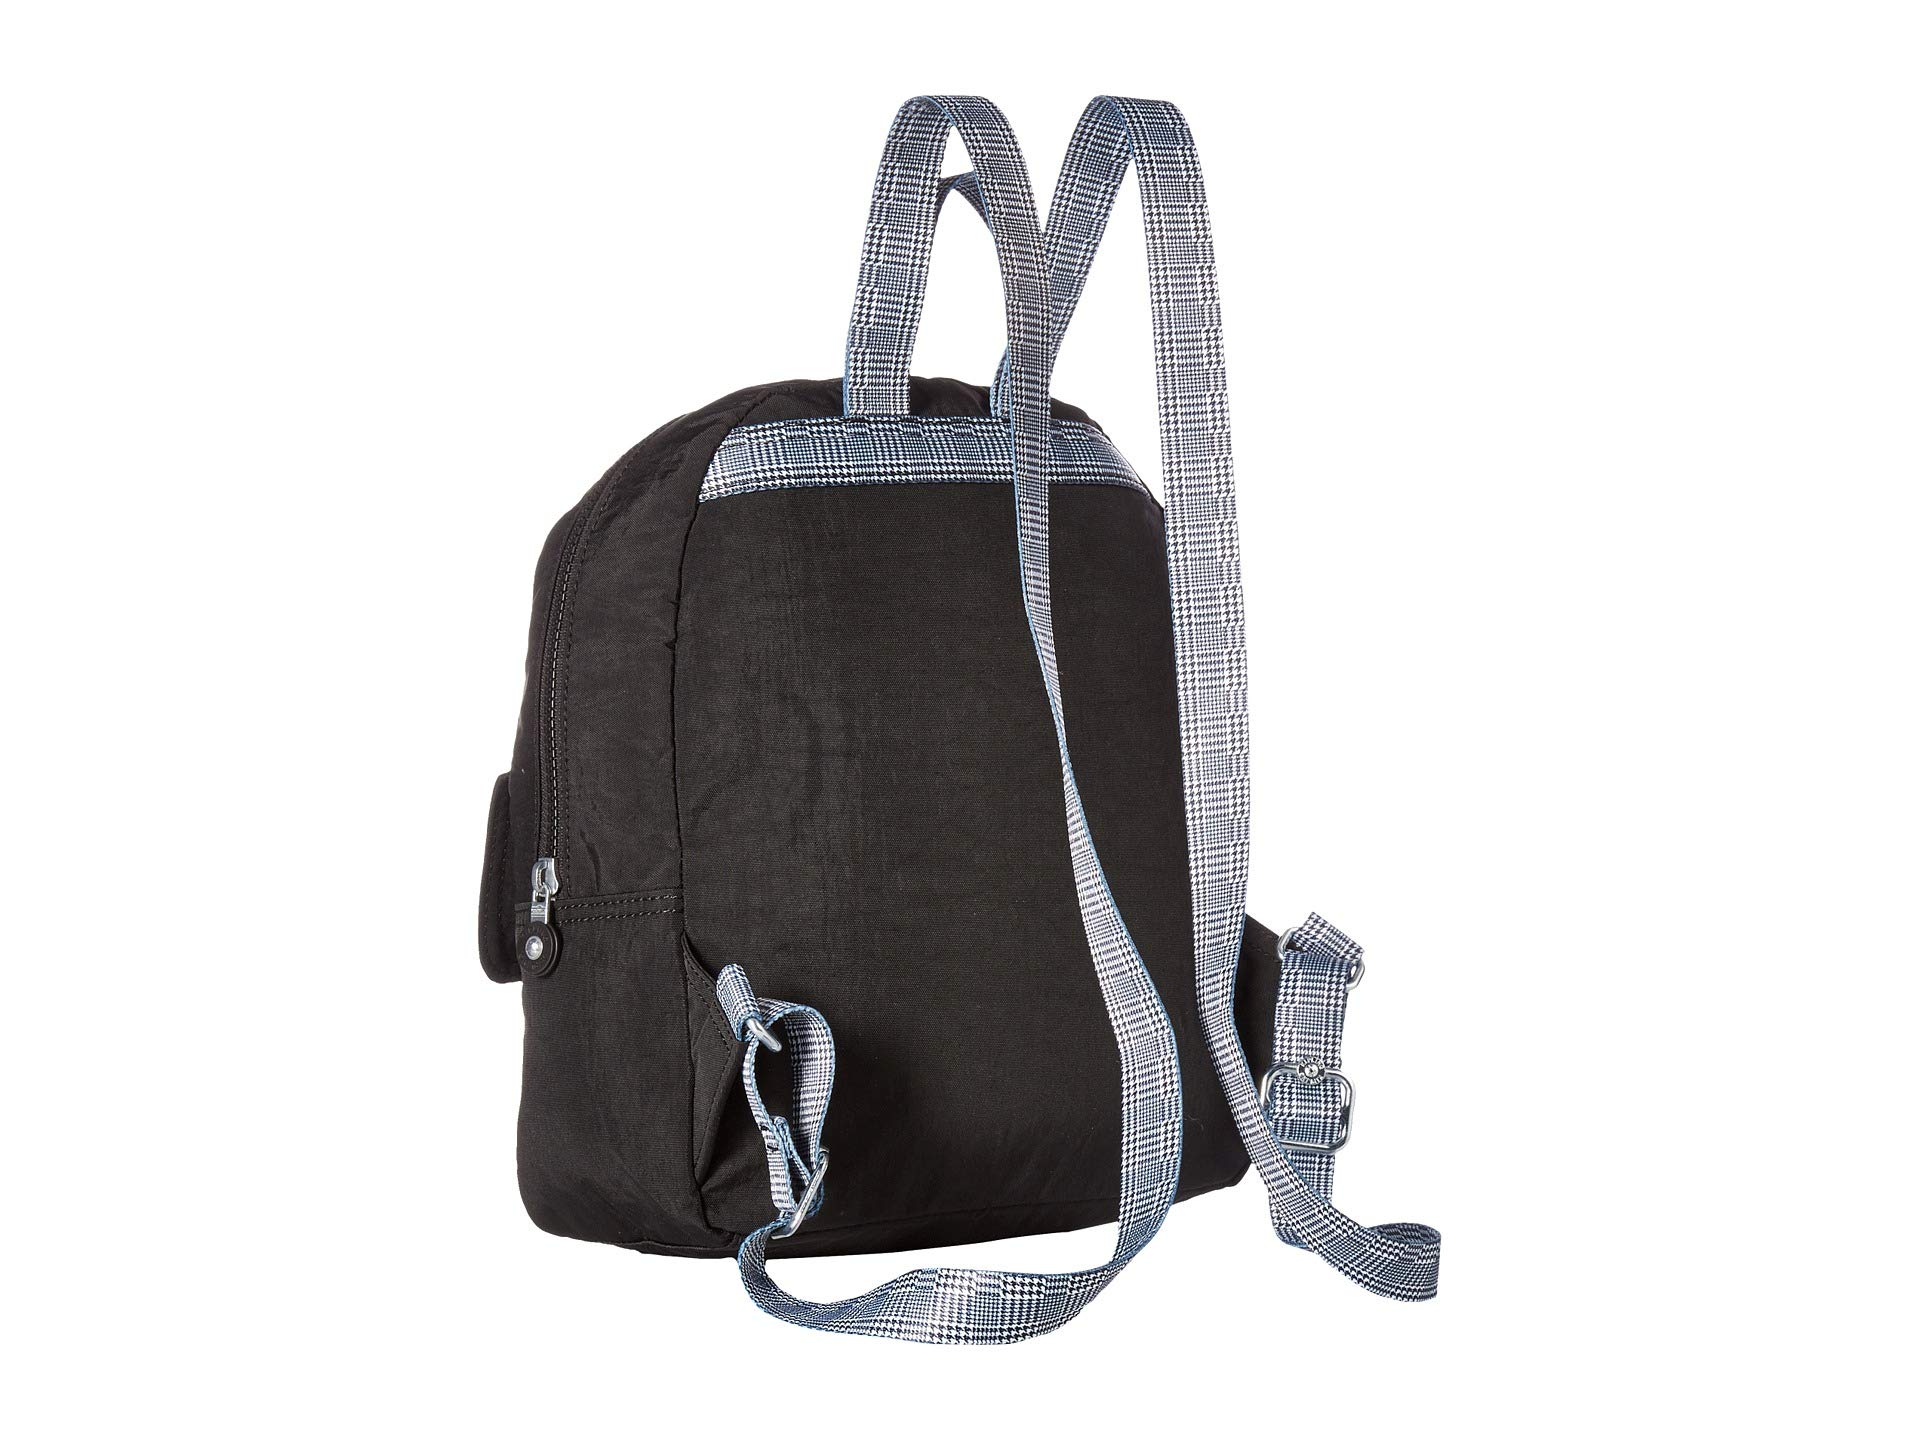 Black Carrie Backpack Black Carrie W Kipling Kipling Backpack Kipling Carrie W Uc4CgqwB